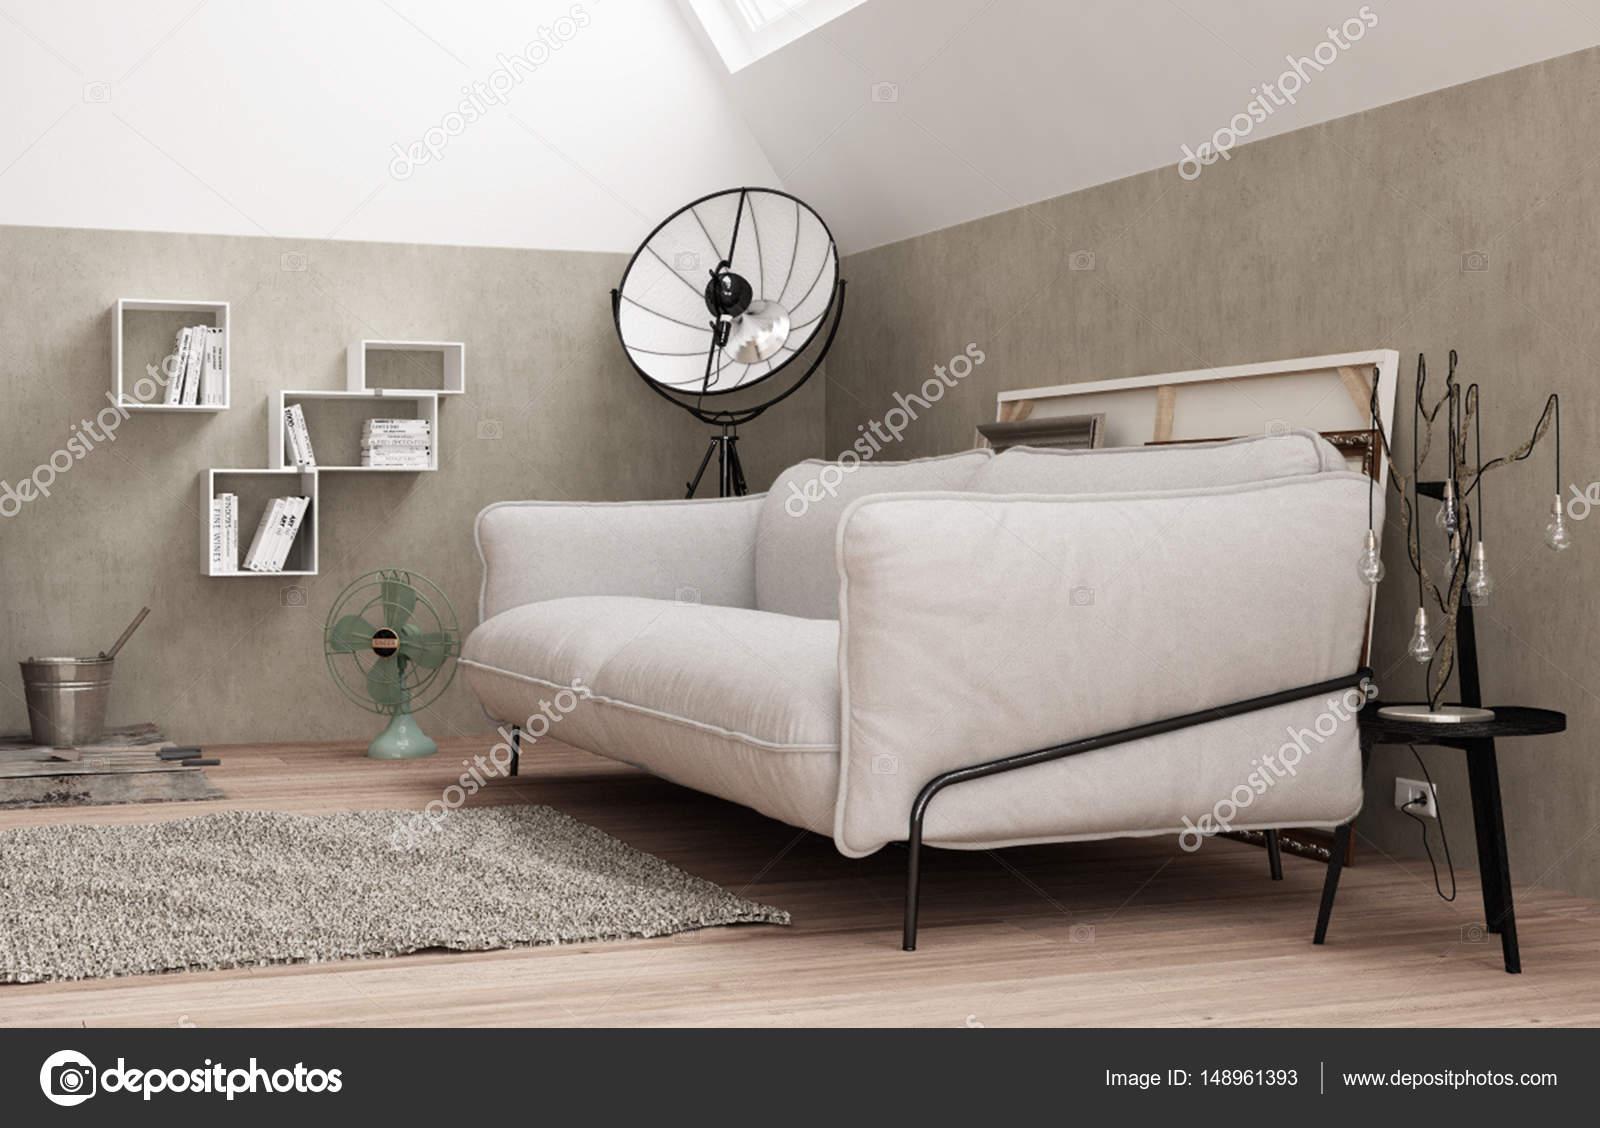 Woonkamer Vintage Bank : Vintage loft woonkamer met witte bank modern interieur u2014 stockfoto